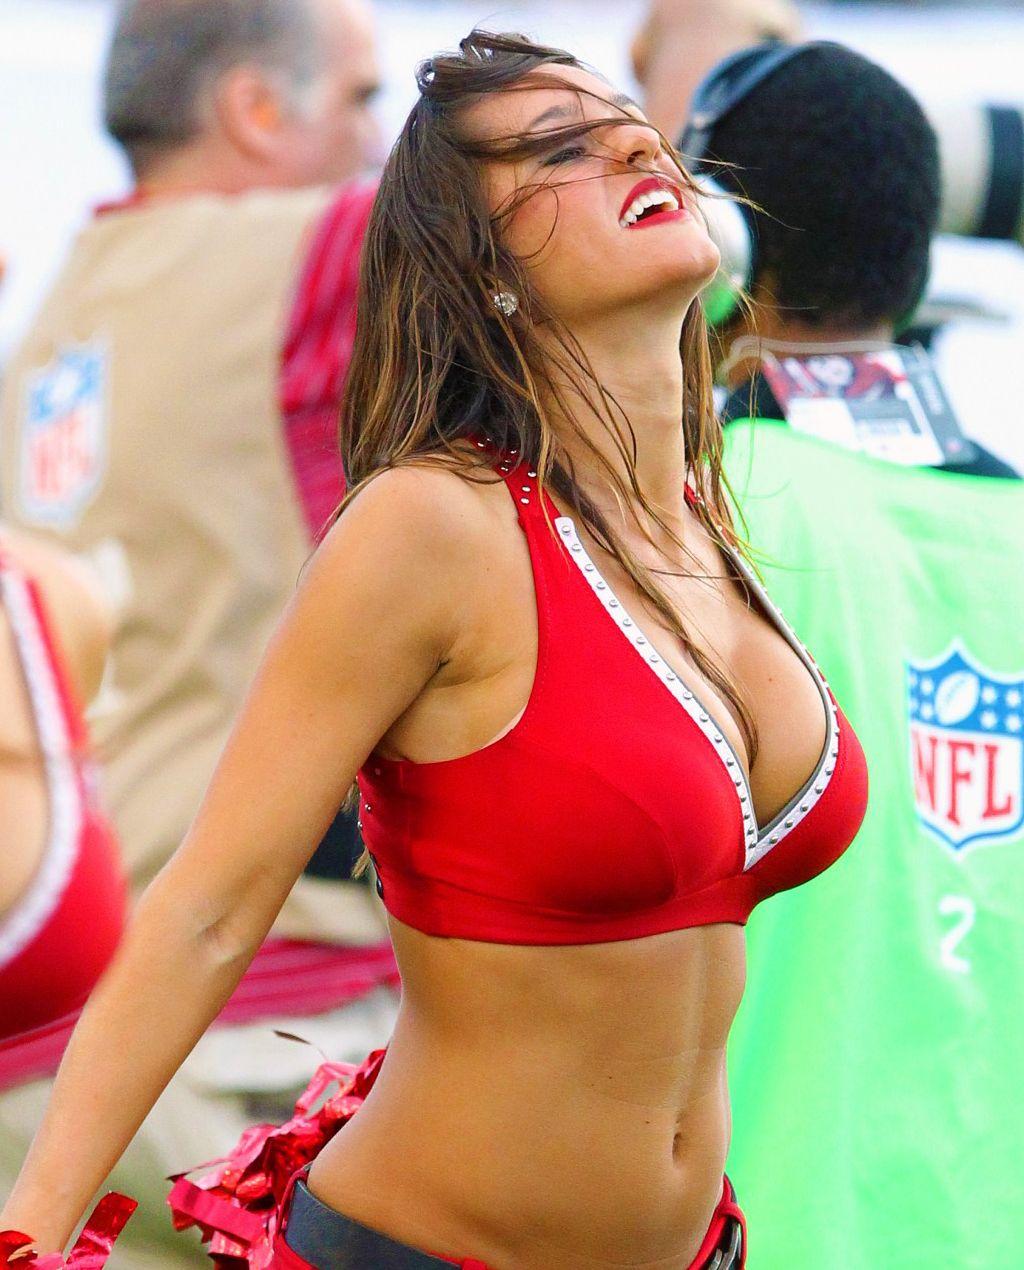 Red hot latina